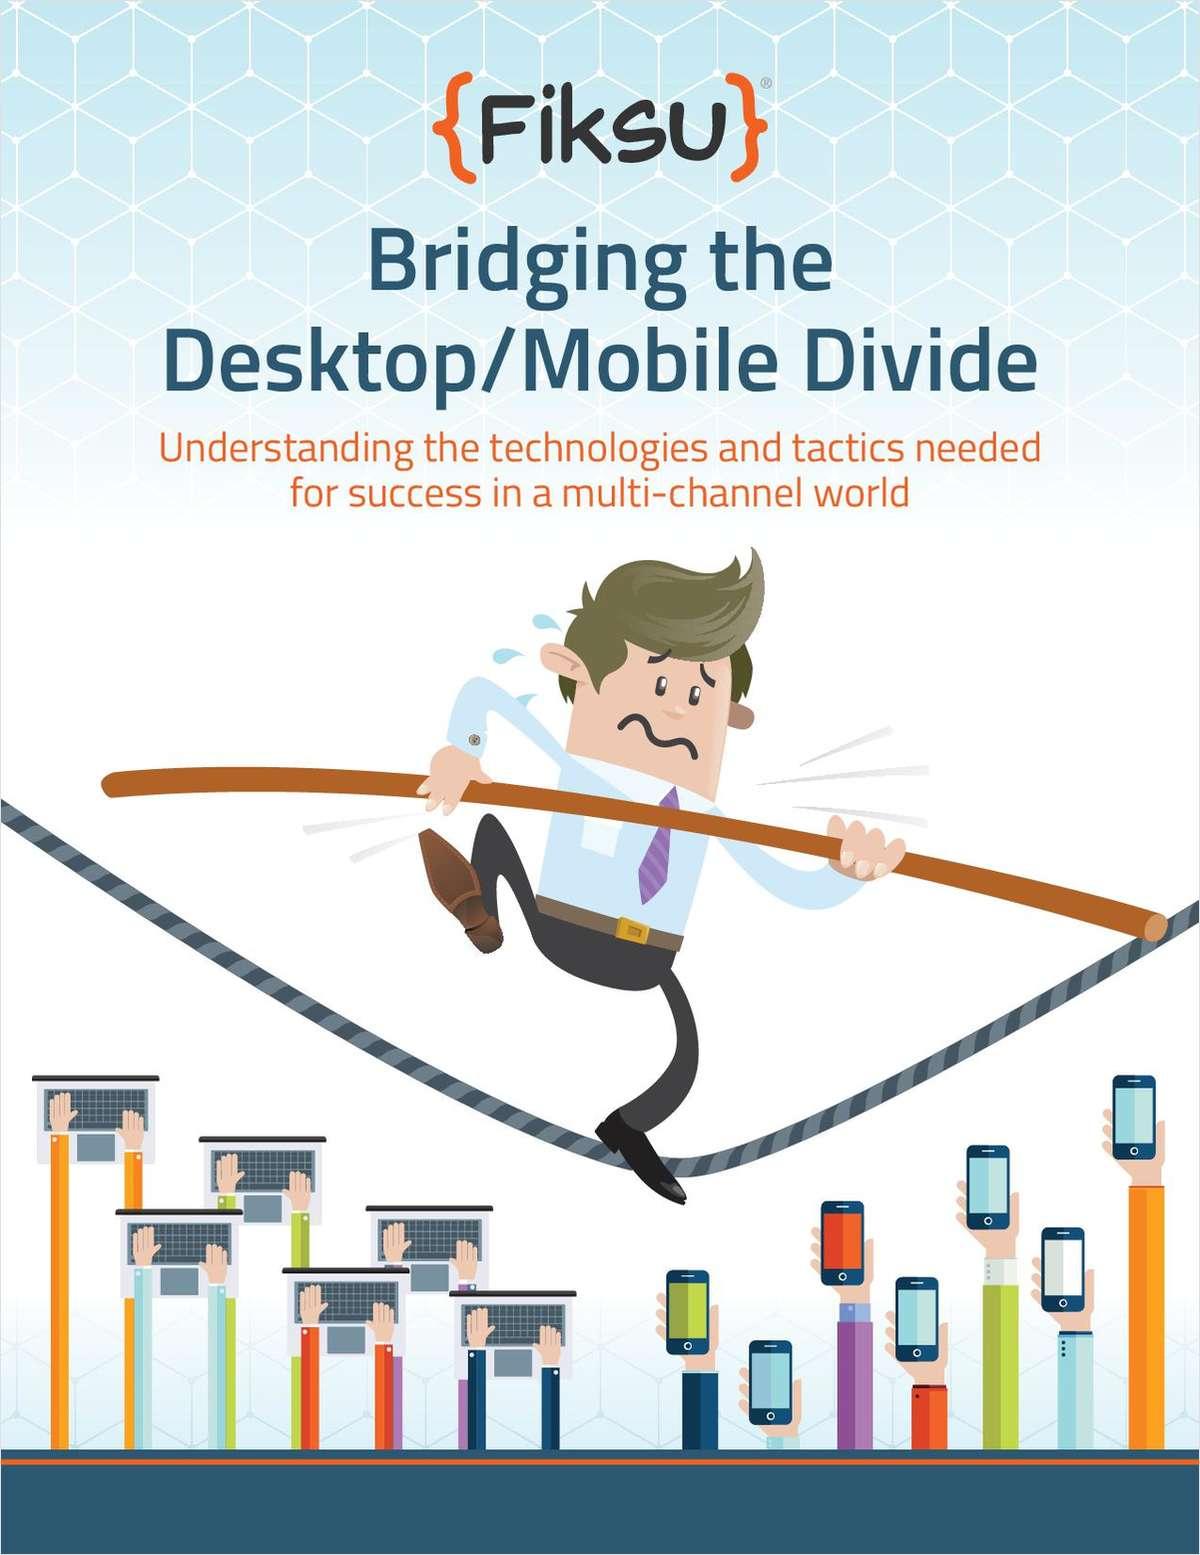 Effectively Bridging the Mobile/Desktop Divide